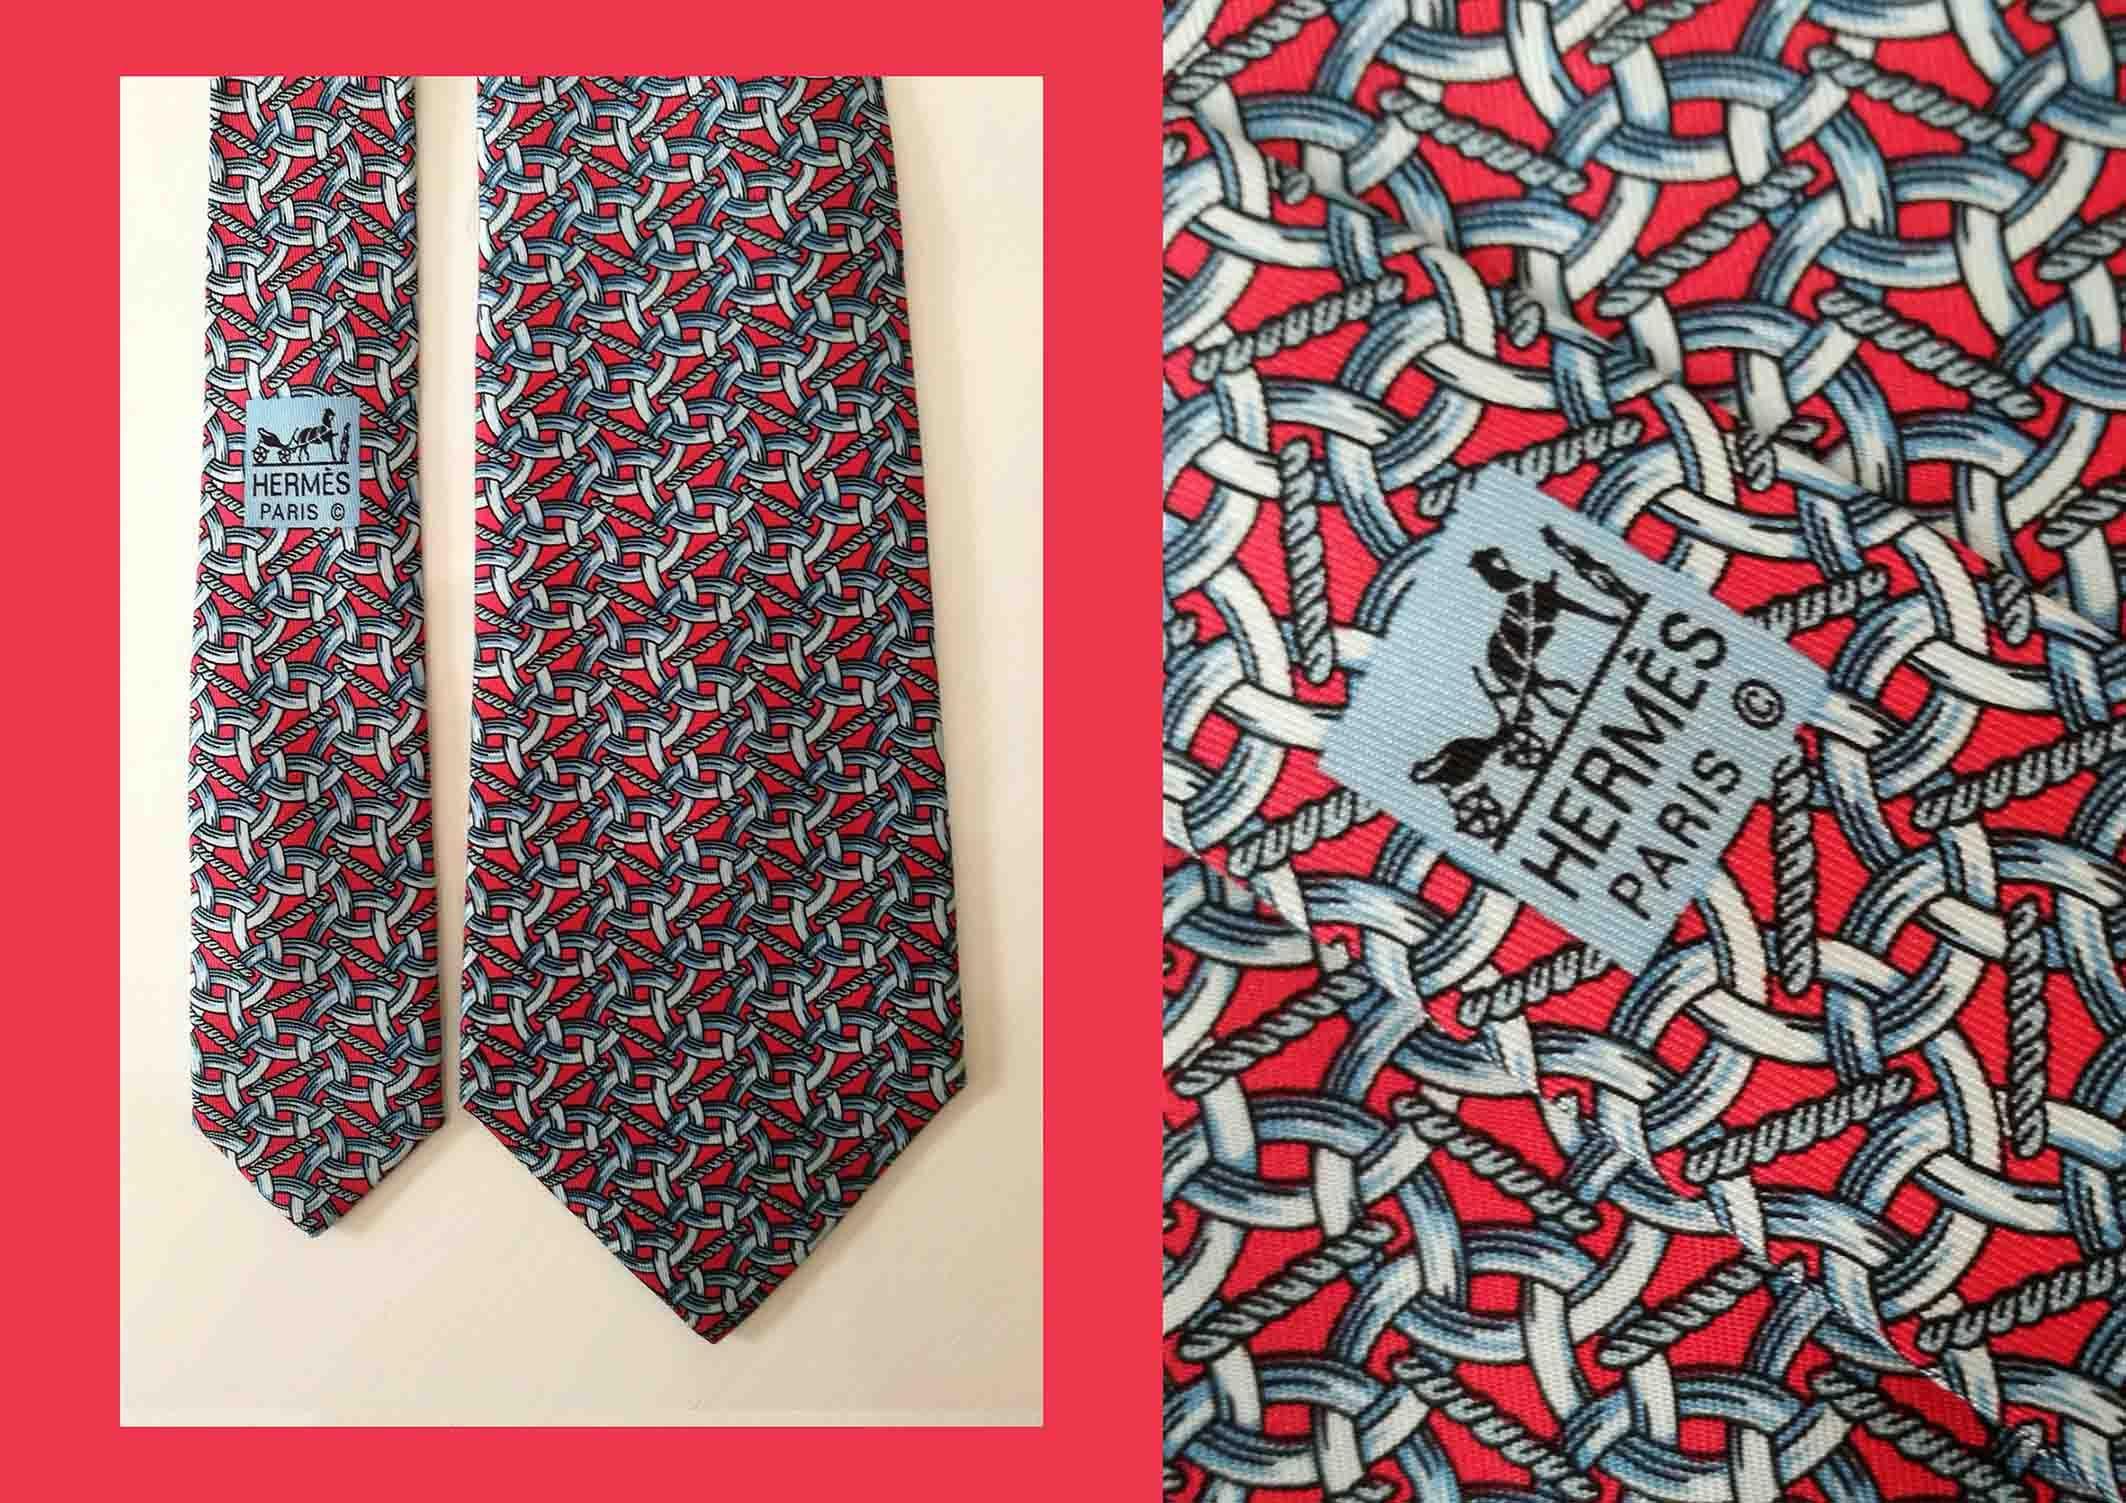 e3bfc9e1ac9d Hermes Paris vintage necktie. Rare Hermès tie. Red Hermès | Etsy